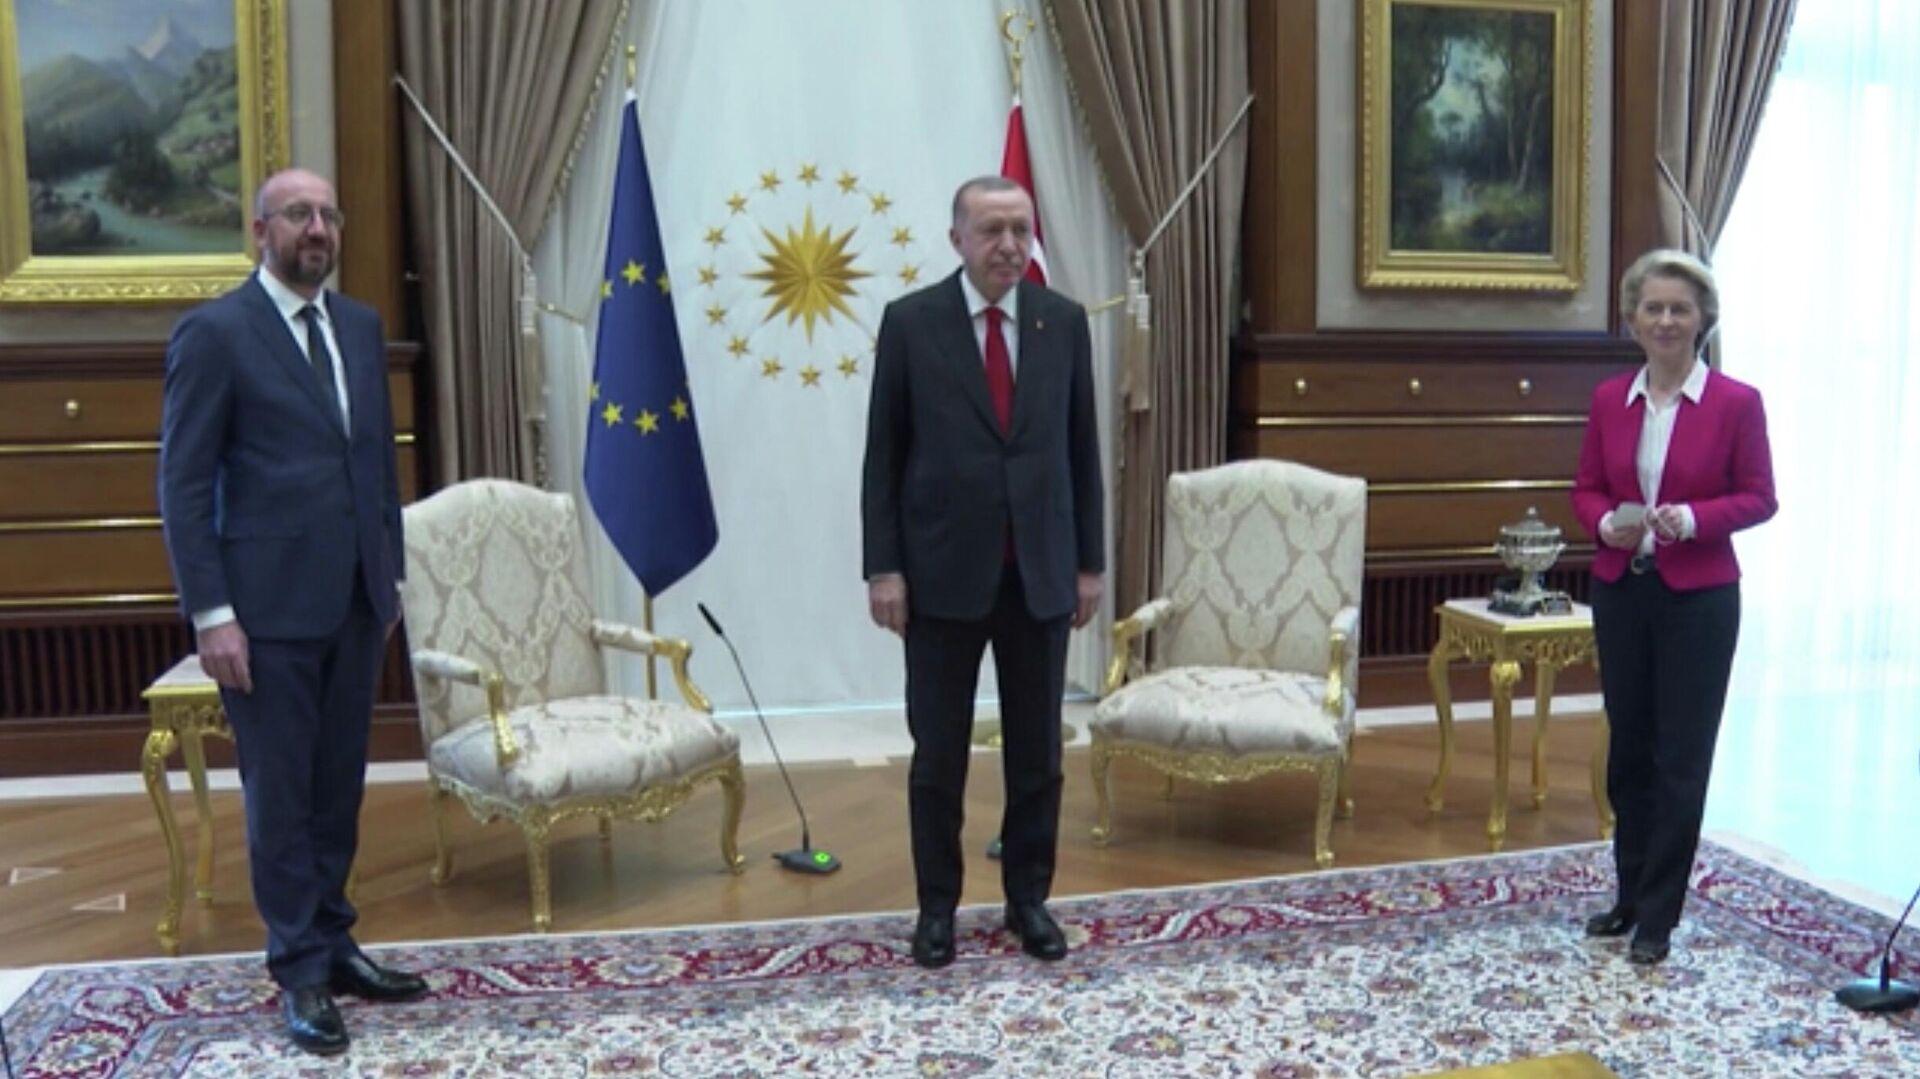 Президент Турции Реджеп Тайип Эрдоган на встрече с главой Евросовета Шарлем Мишелем и президентом Еврокомиссии Урсулой фон дер Ляйен - РИА Новости, 1920, 07.04.2021